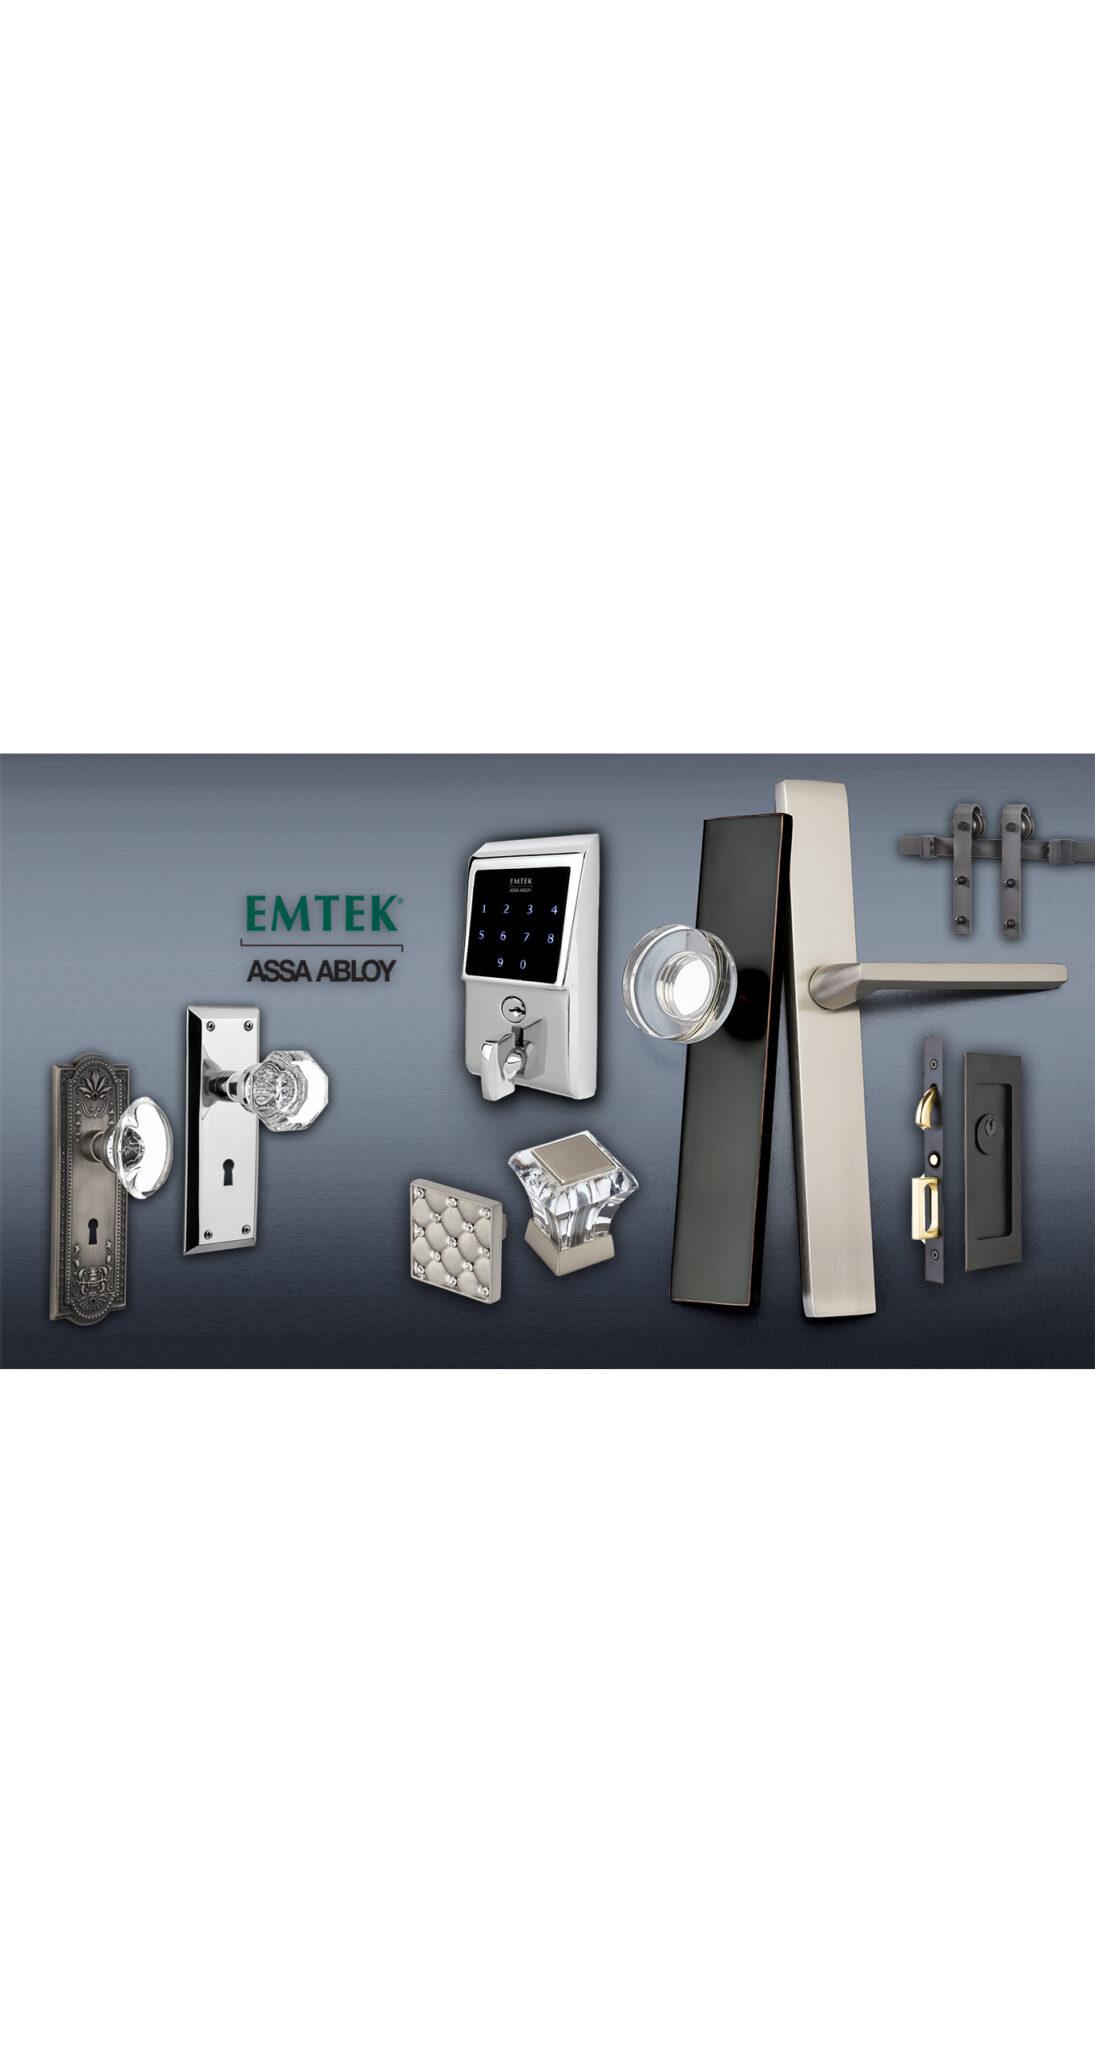 Emtek Door Hardware Toronto, Ontario